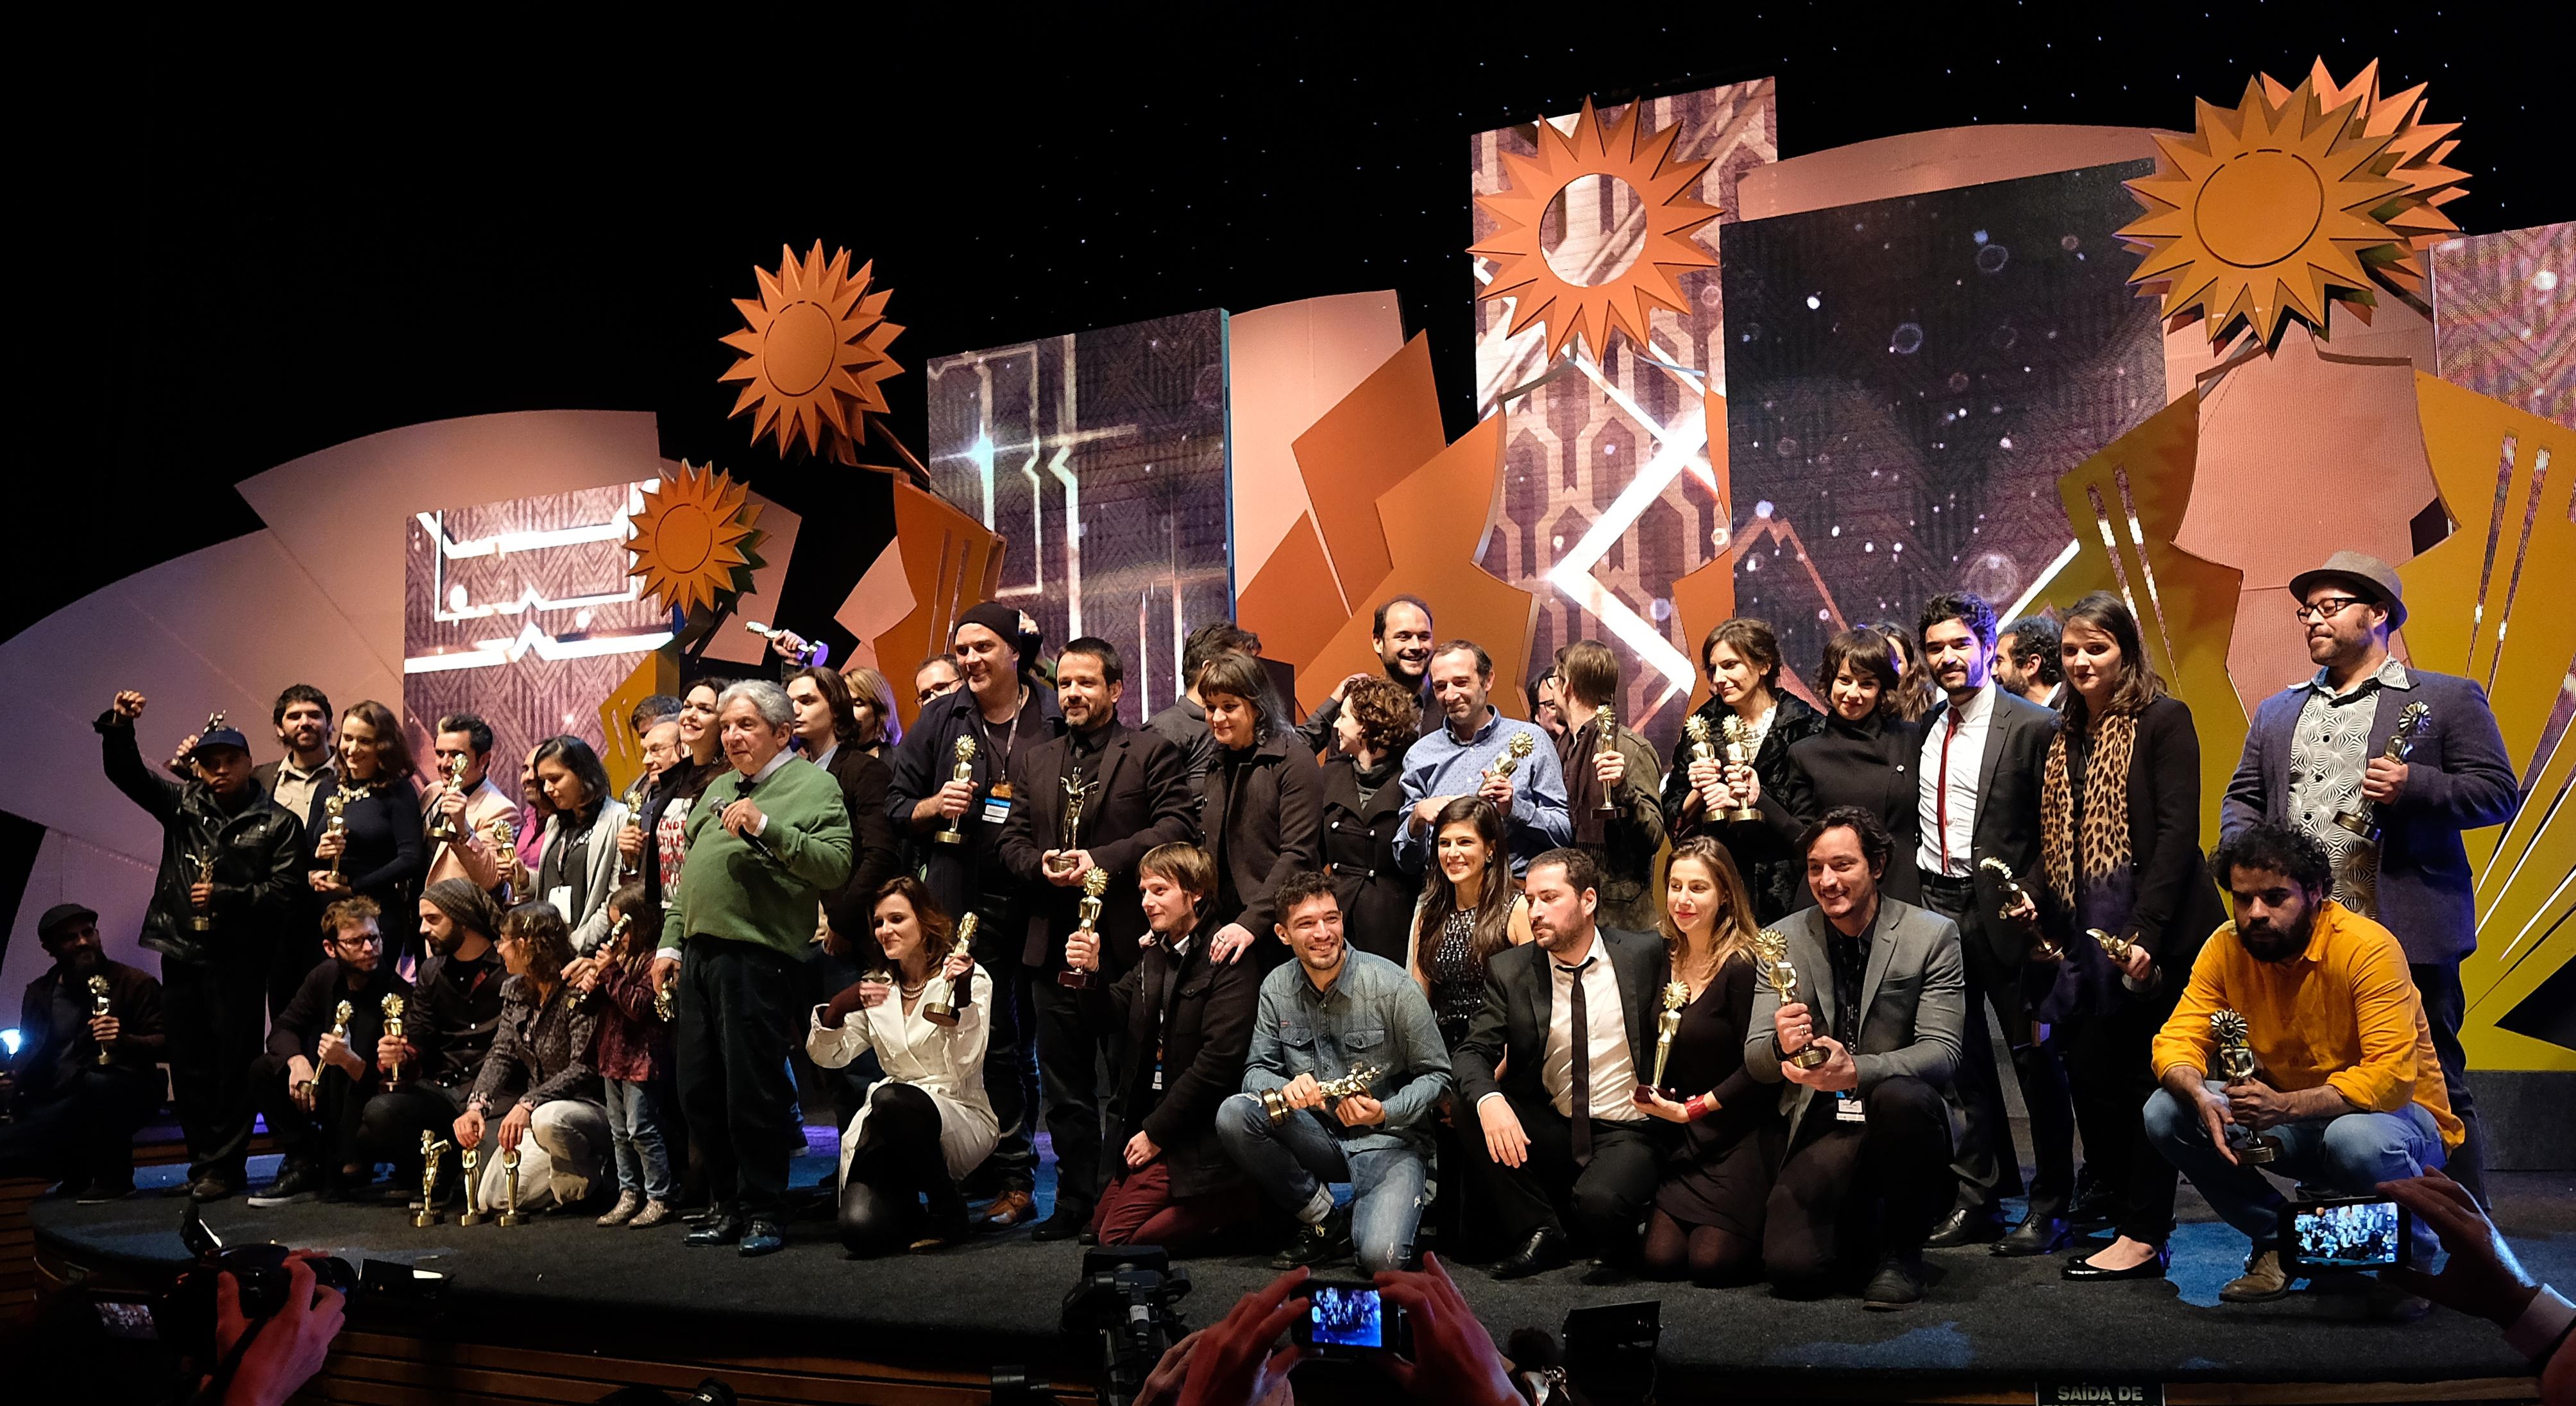 44º Festival de Cinema de Gramado - 03/09/2016 - Cerimônia de Premiação - Vencedores - - Foto: Edison Vara/Pressphoto